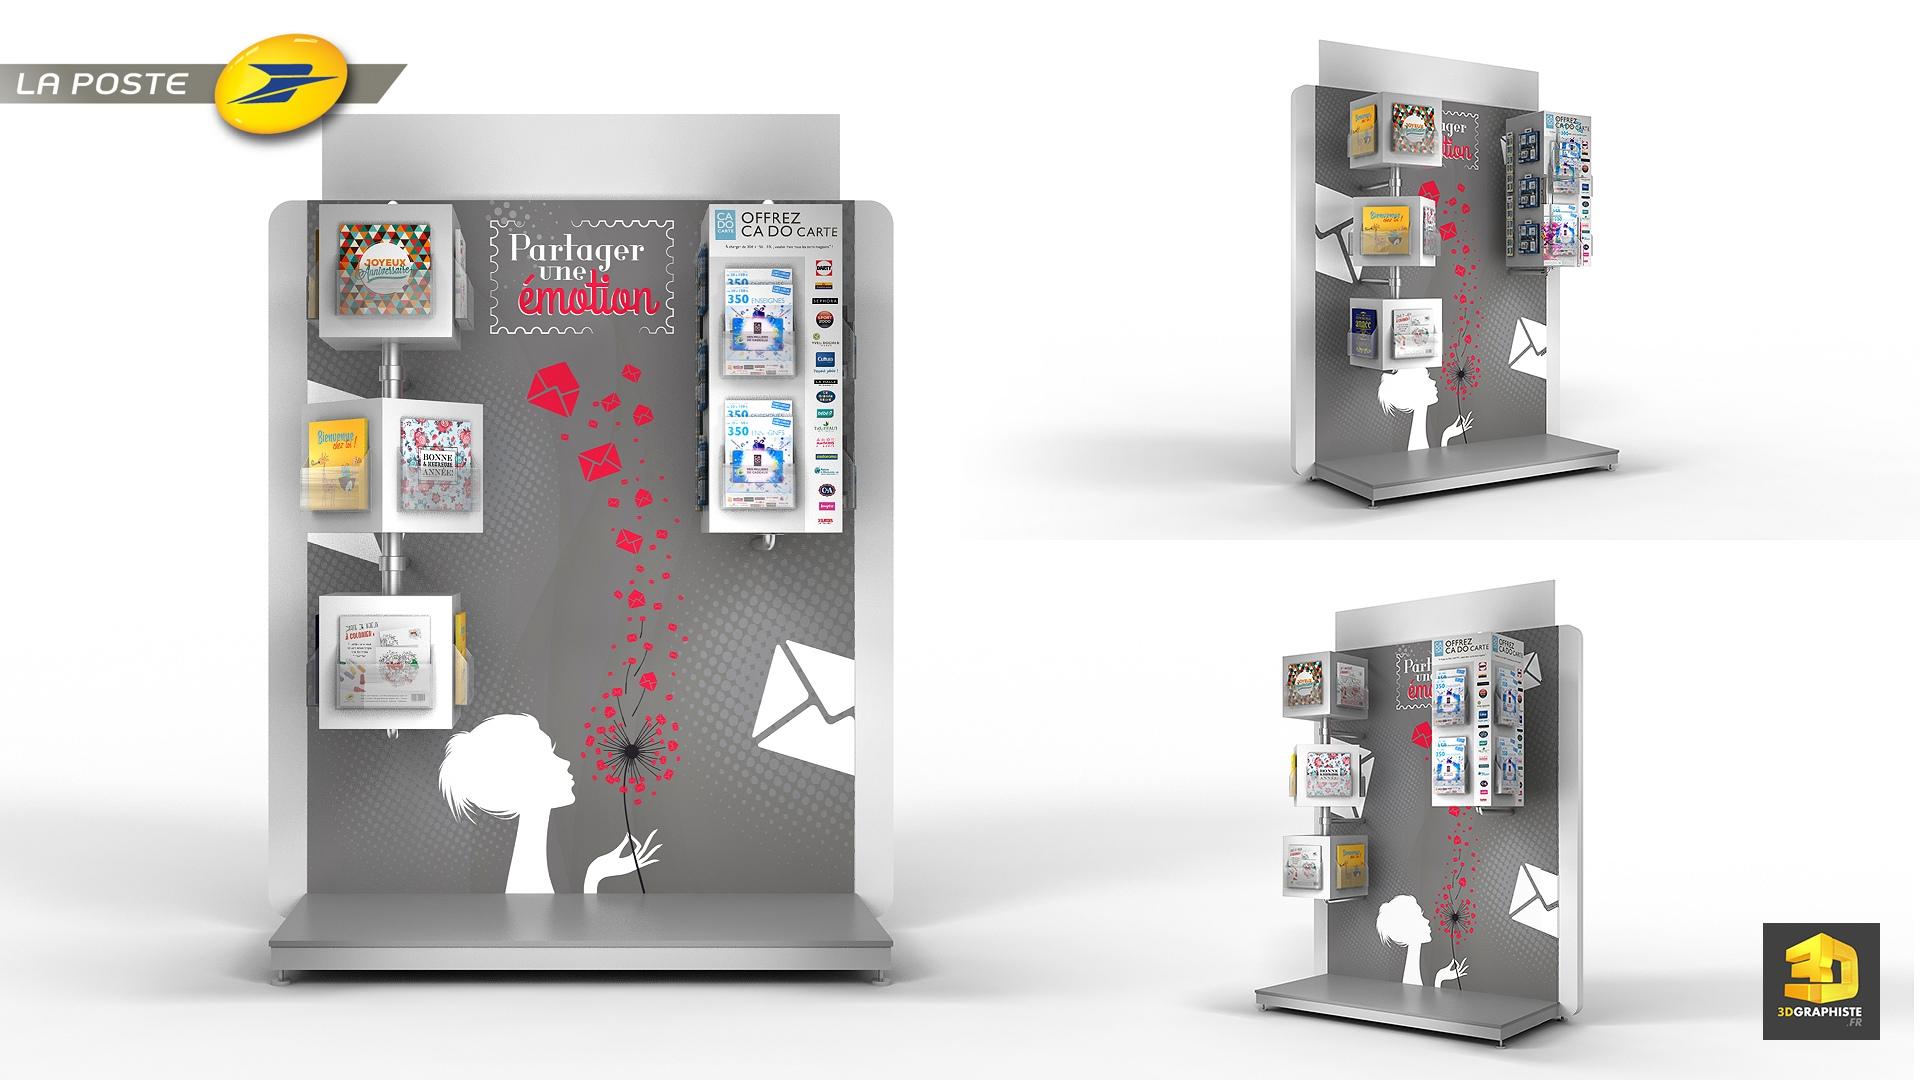 meuble plv pr sentoirs la poste 3dgraphiste fr. Black Bedroom Furniture Sets. Home Design Ideas